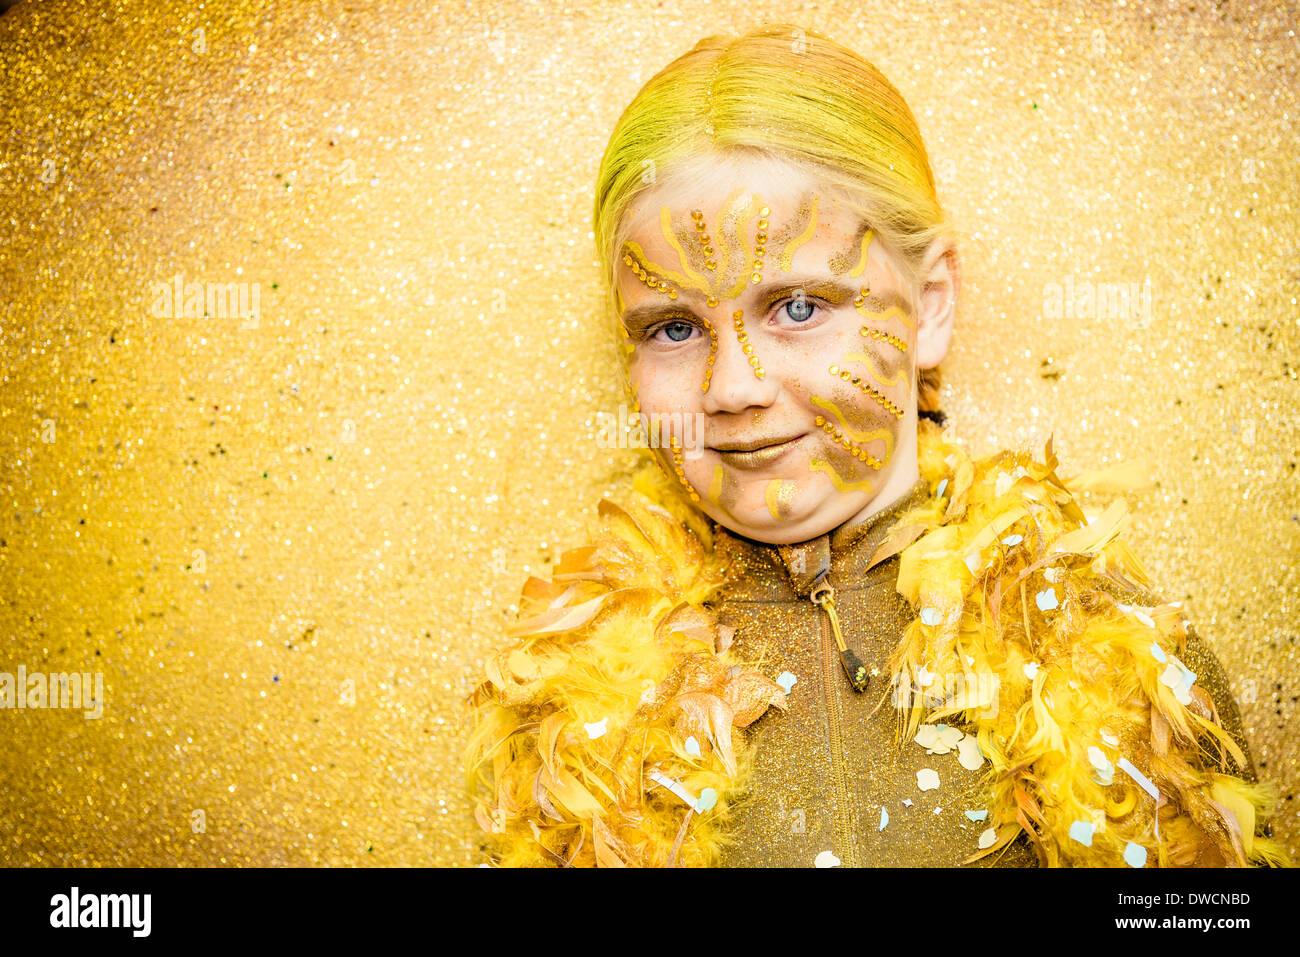 Sitges, Espagne. Mars 4th, 2014: Une jeune fille dans un costume de fantaisie pendant les danses le défilé de carnaval Banque D'Images